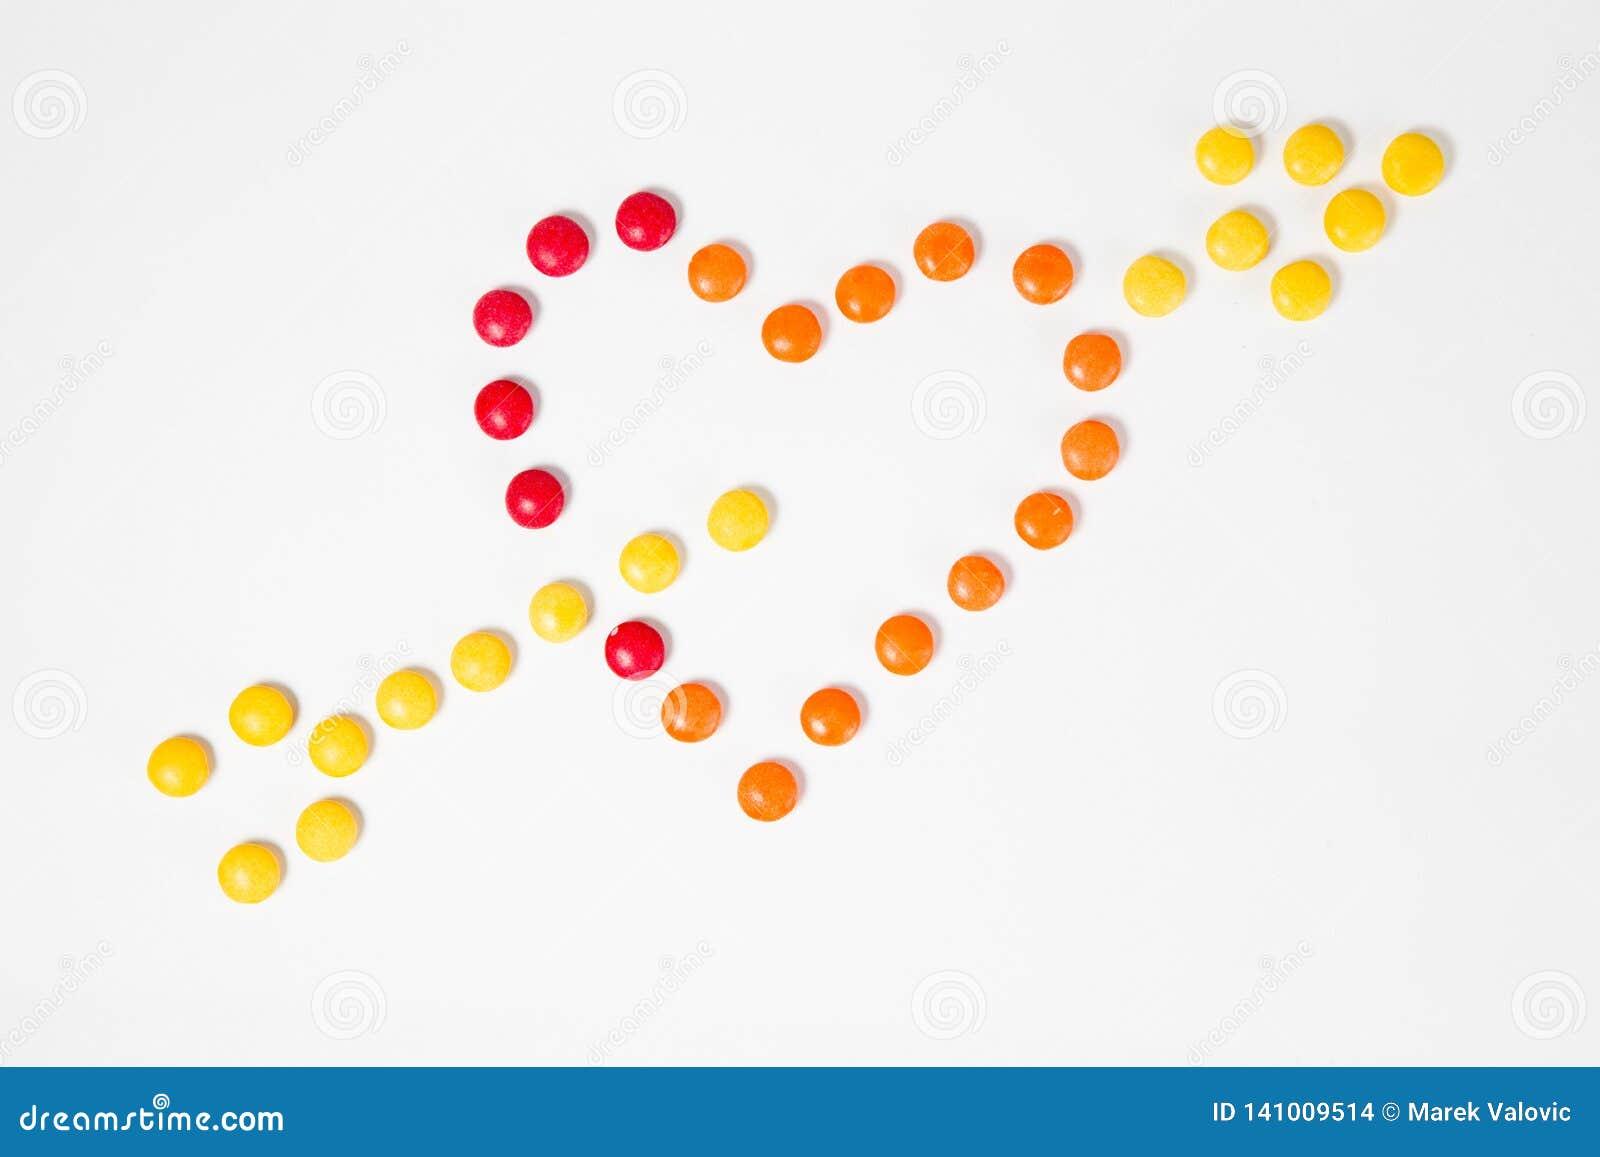 Vorm van hart met pijl - symbool wordt doordrongen van liefde - van kleurrijk zoet suikergoed wordt gemaakt dat